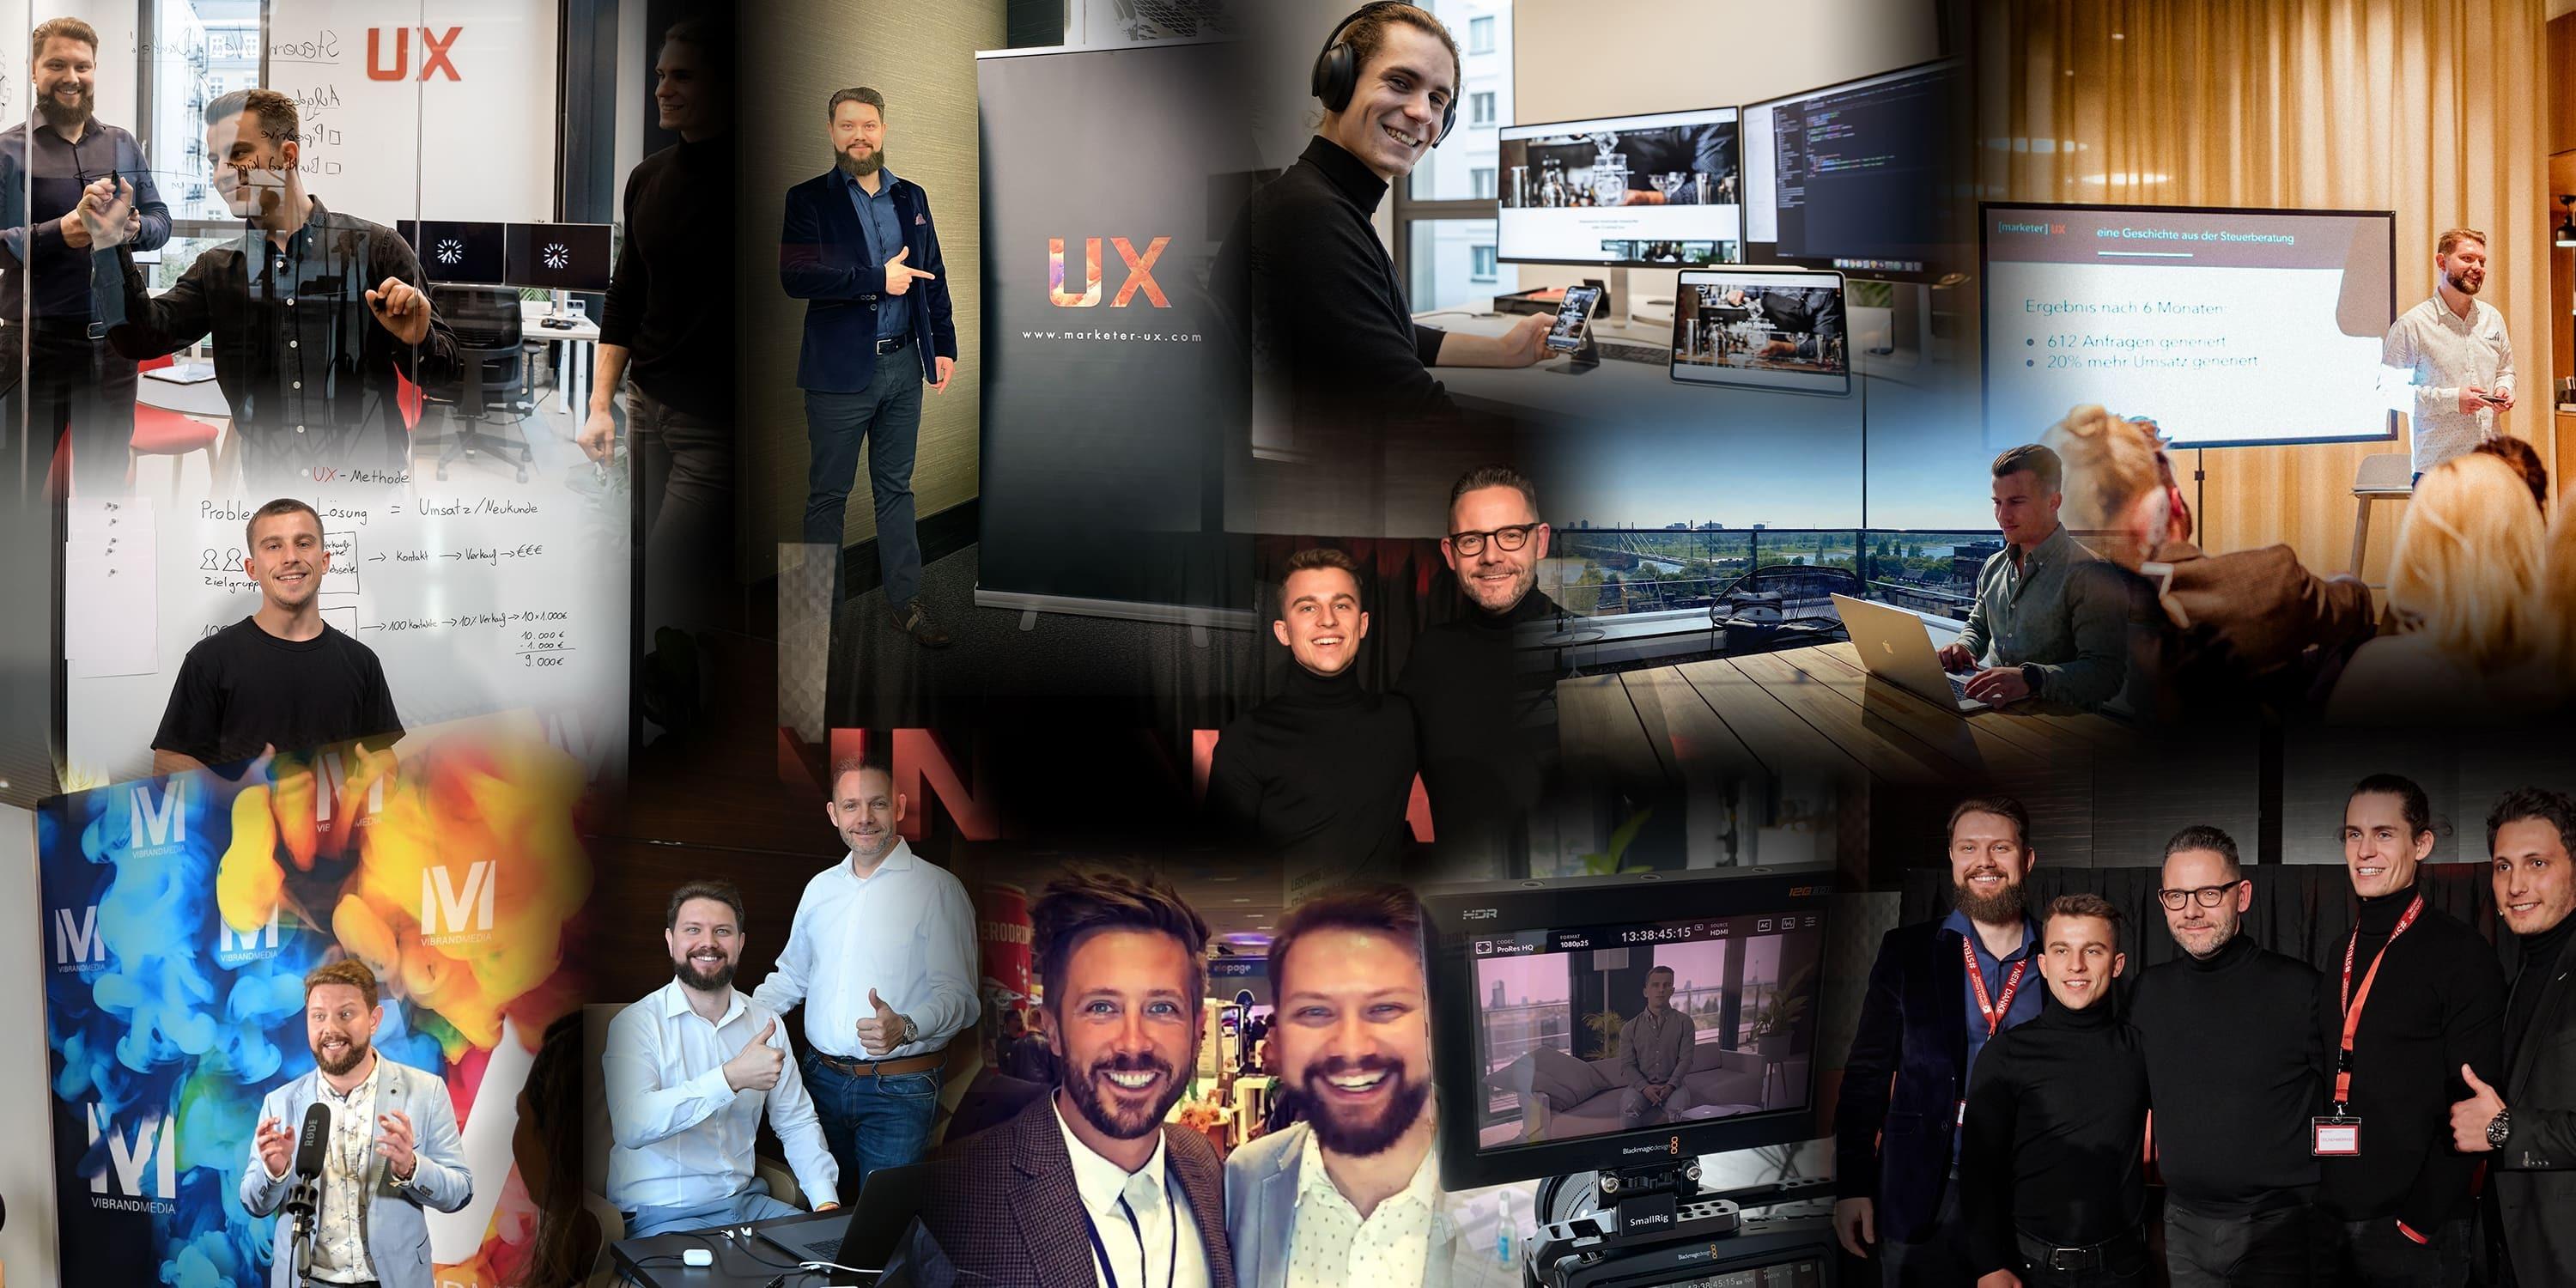 marketer UX GmbH - Agentur in Düsseldorf